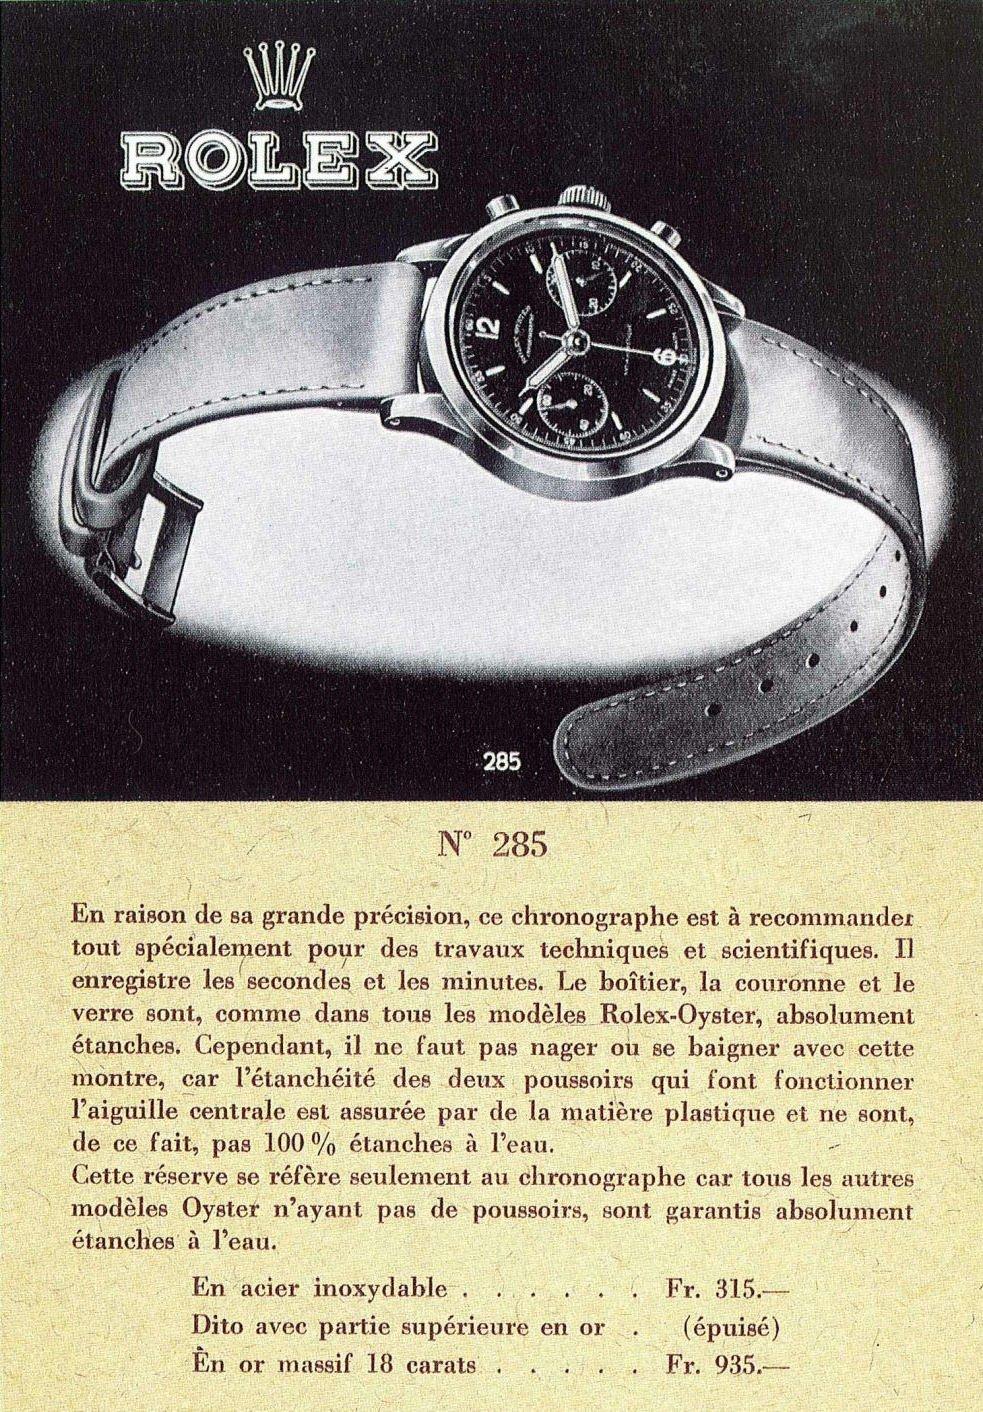 פרסומת לשעון משנות הארבעים של המאה הקודמת. מקור - RolexMagazine.